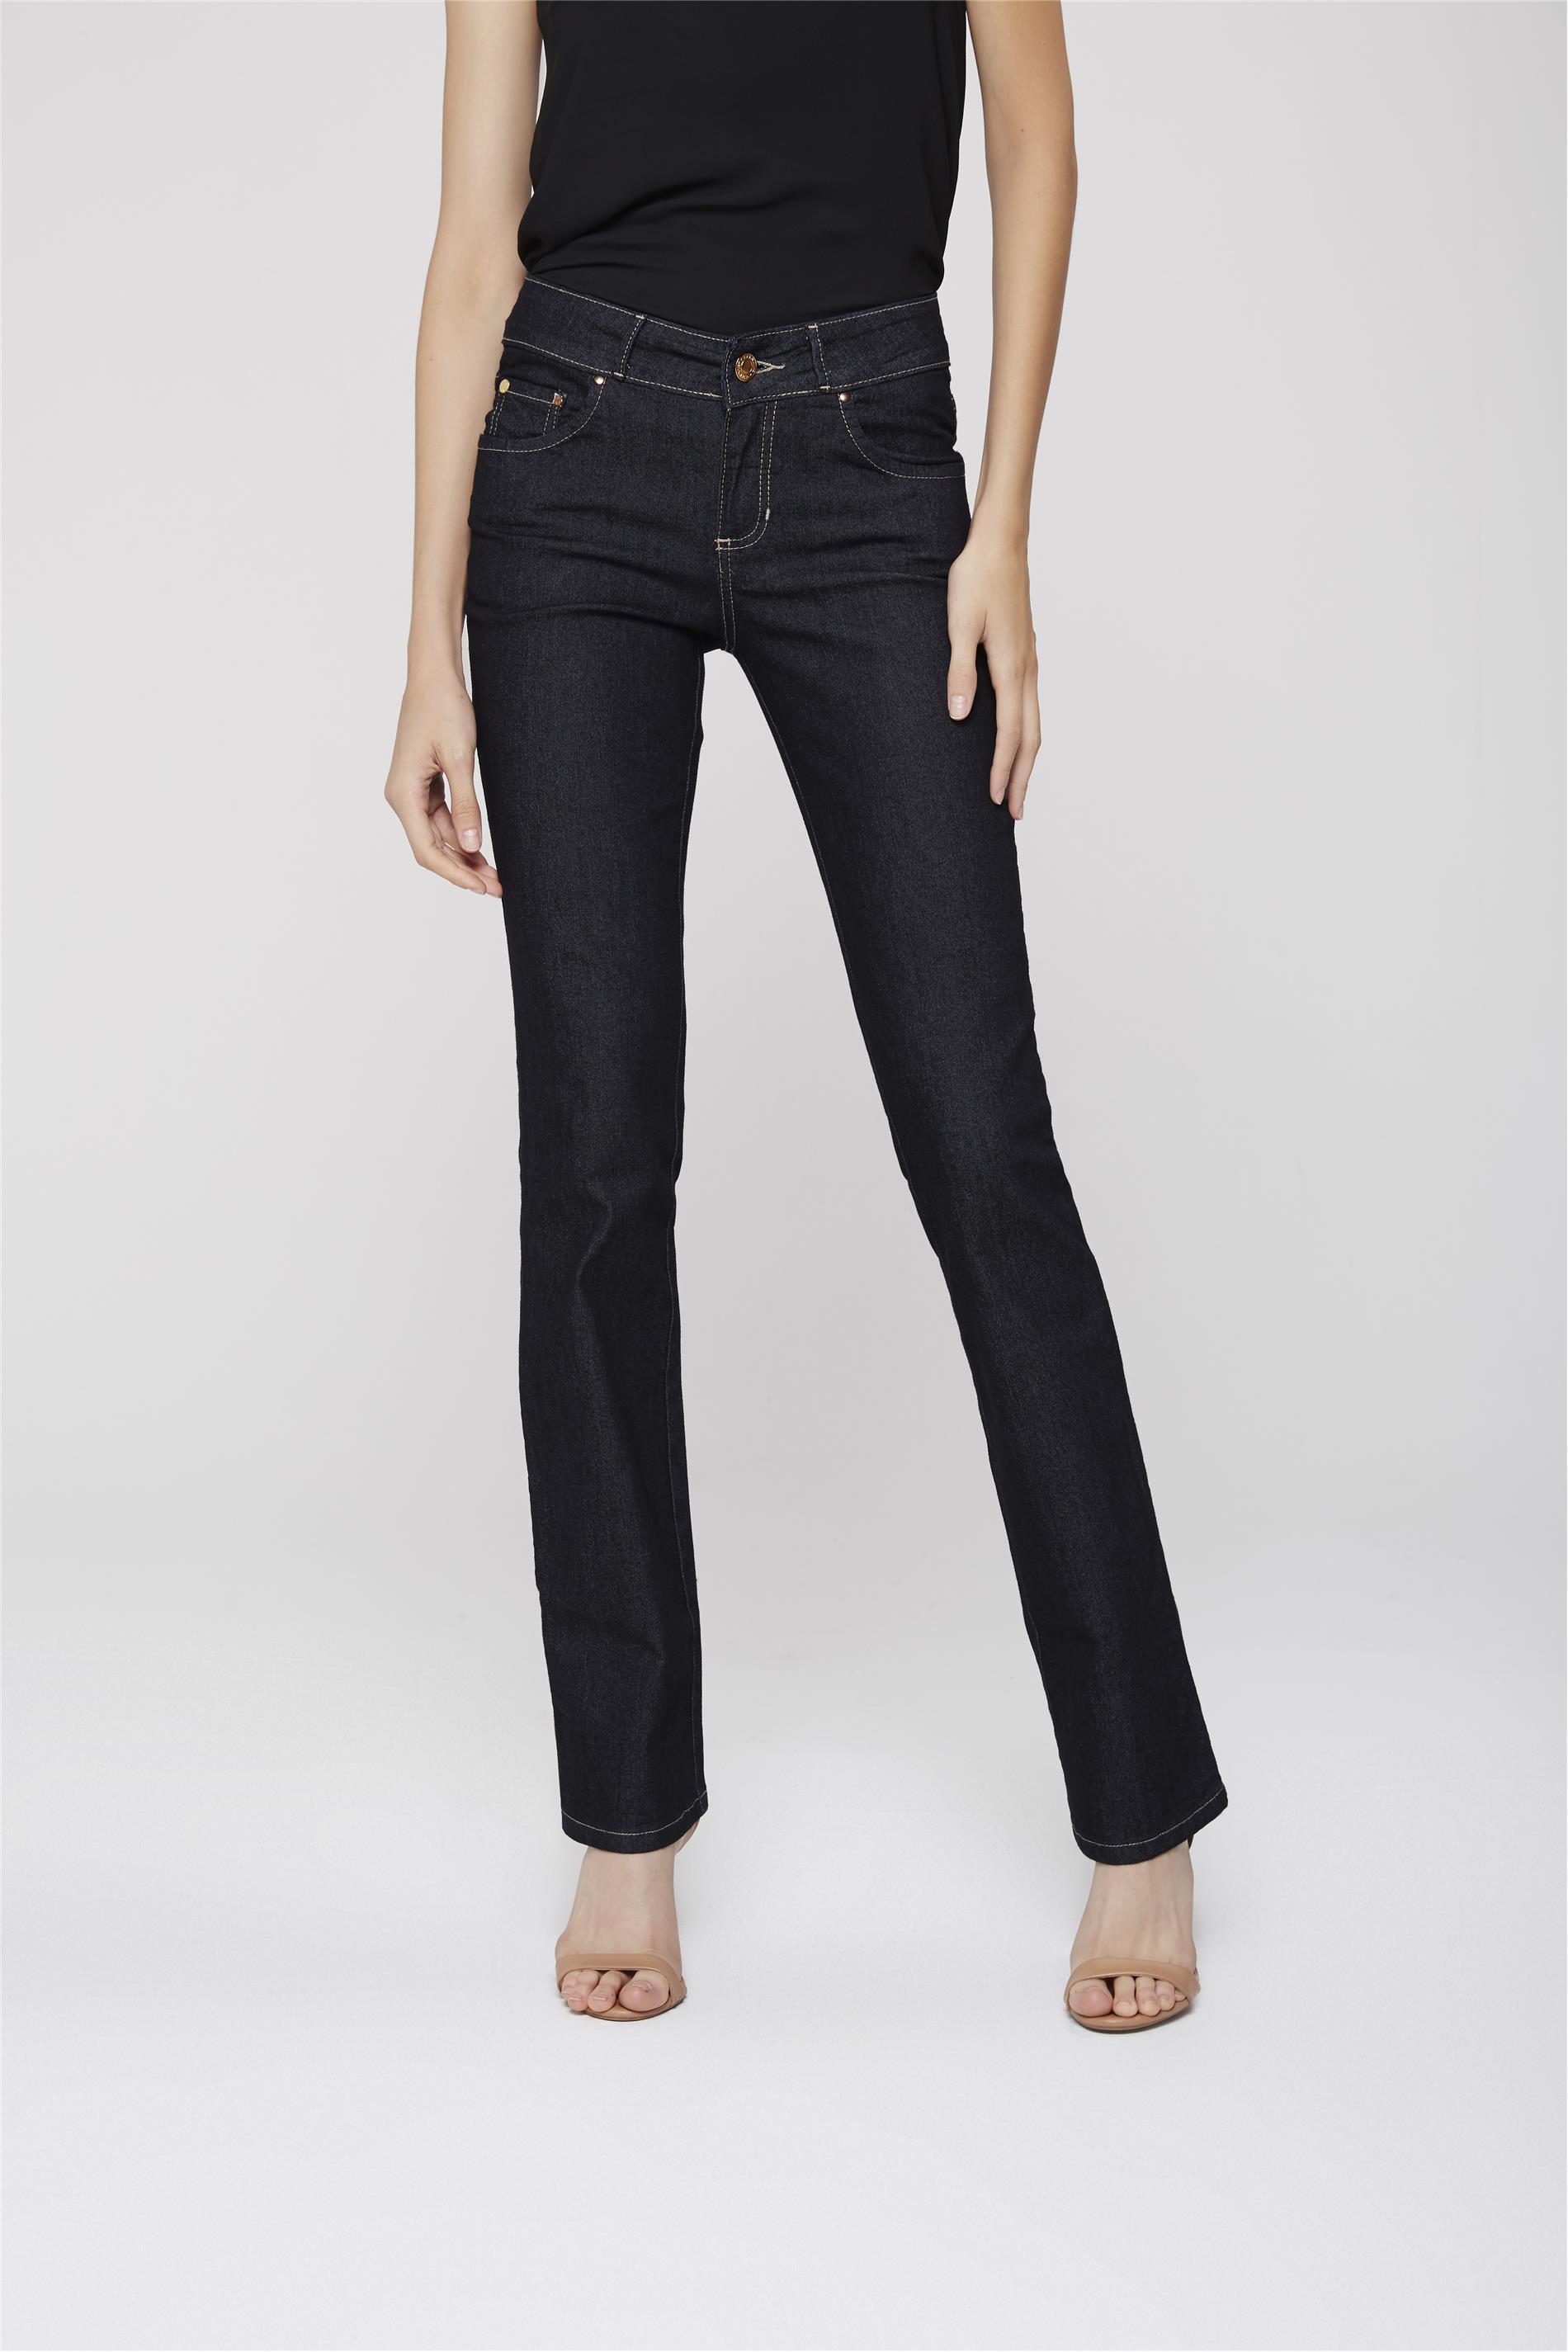 d9dc35e533 Calça Jeans Reta Básica Etiqueta Bolso - Damyller